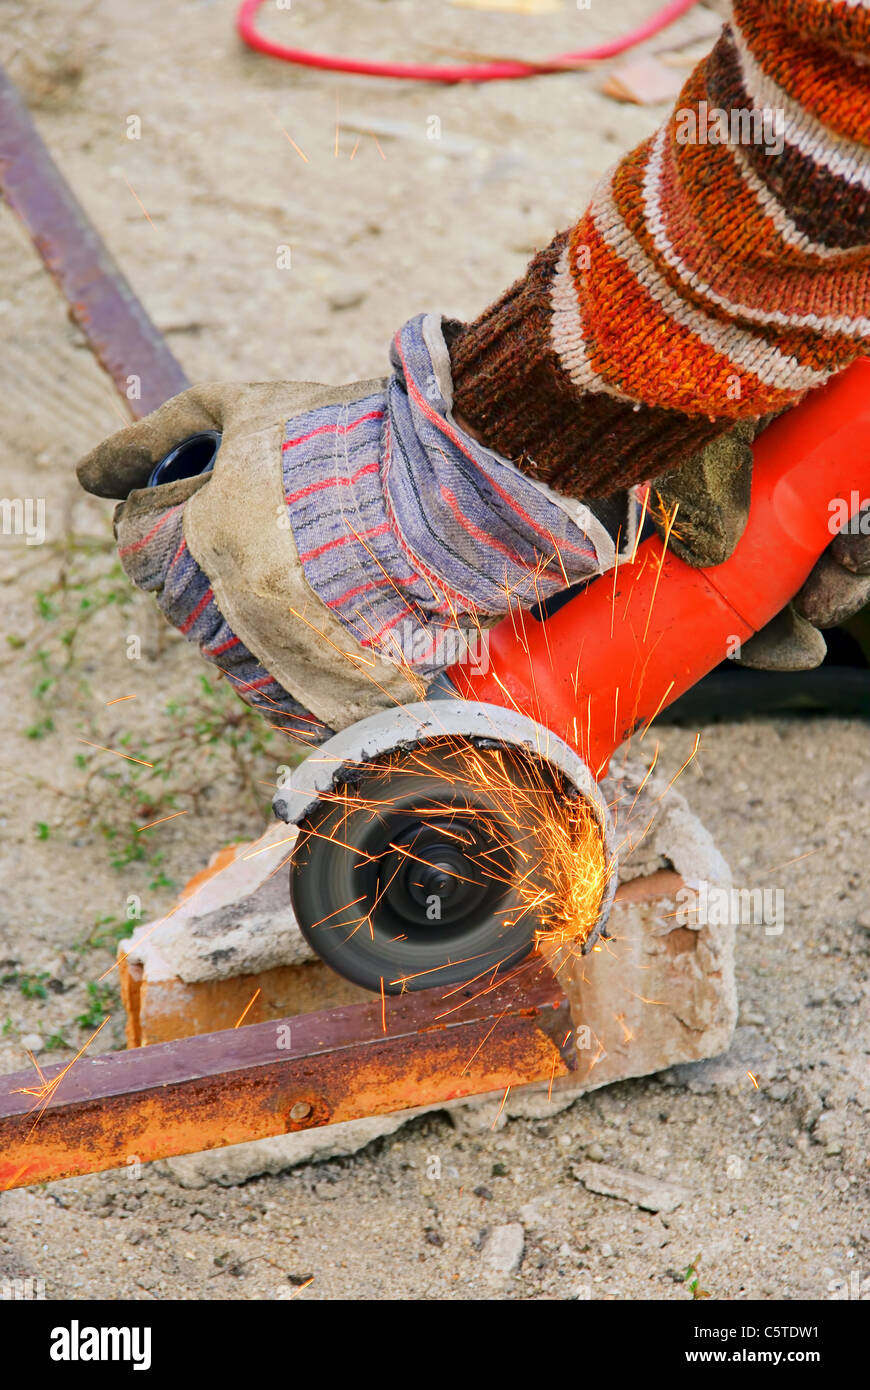 Winkelschleifer - angle grinder 02 - Stock Image